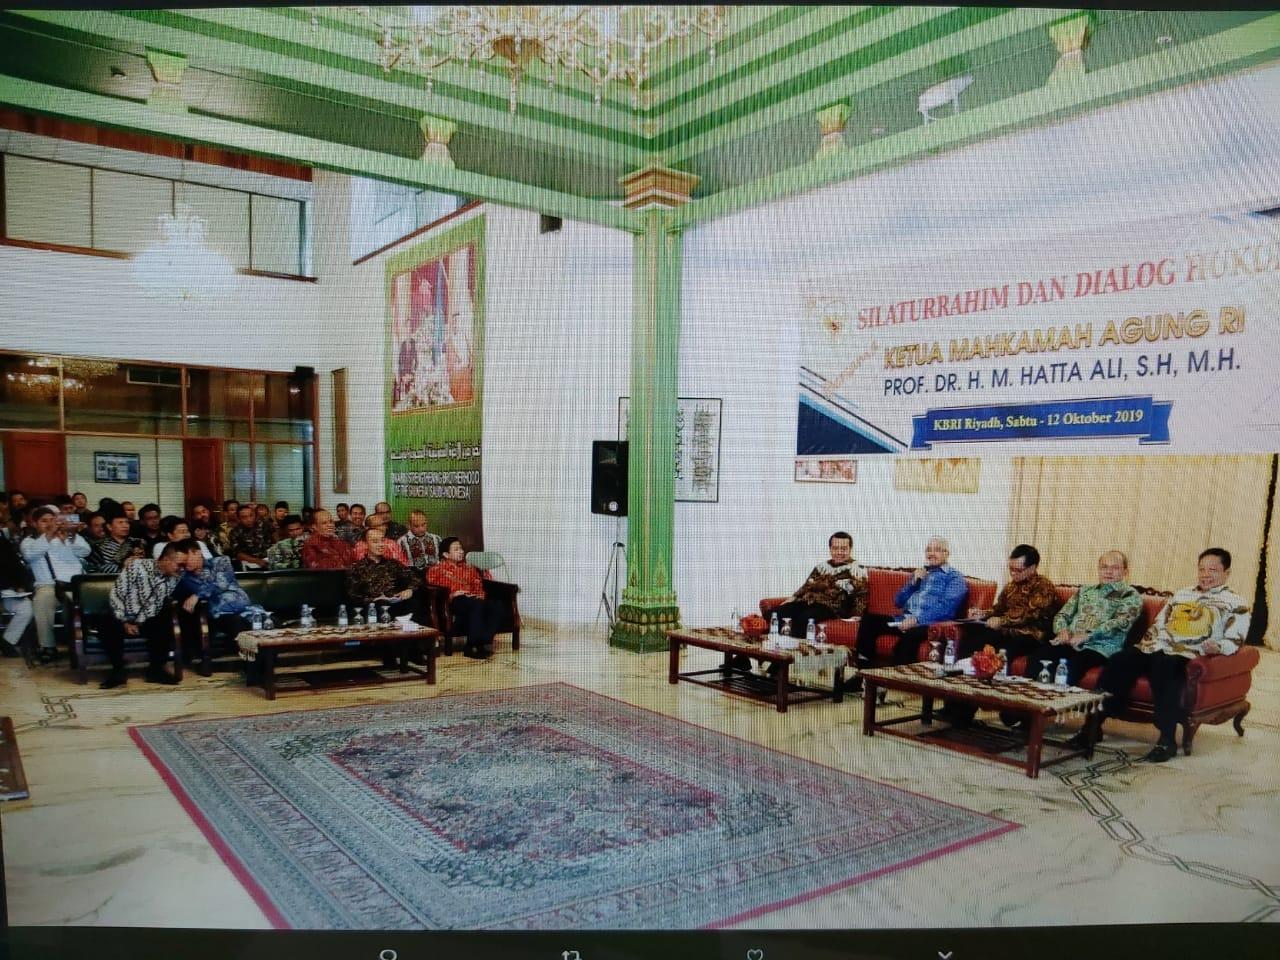 SILATURAHMI DAN DIALOG HUKUM KETUA MAHAKAMAH AGUNG R.I. BERSAMA WARGA NEGARA INDONESIA DI RIYADH